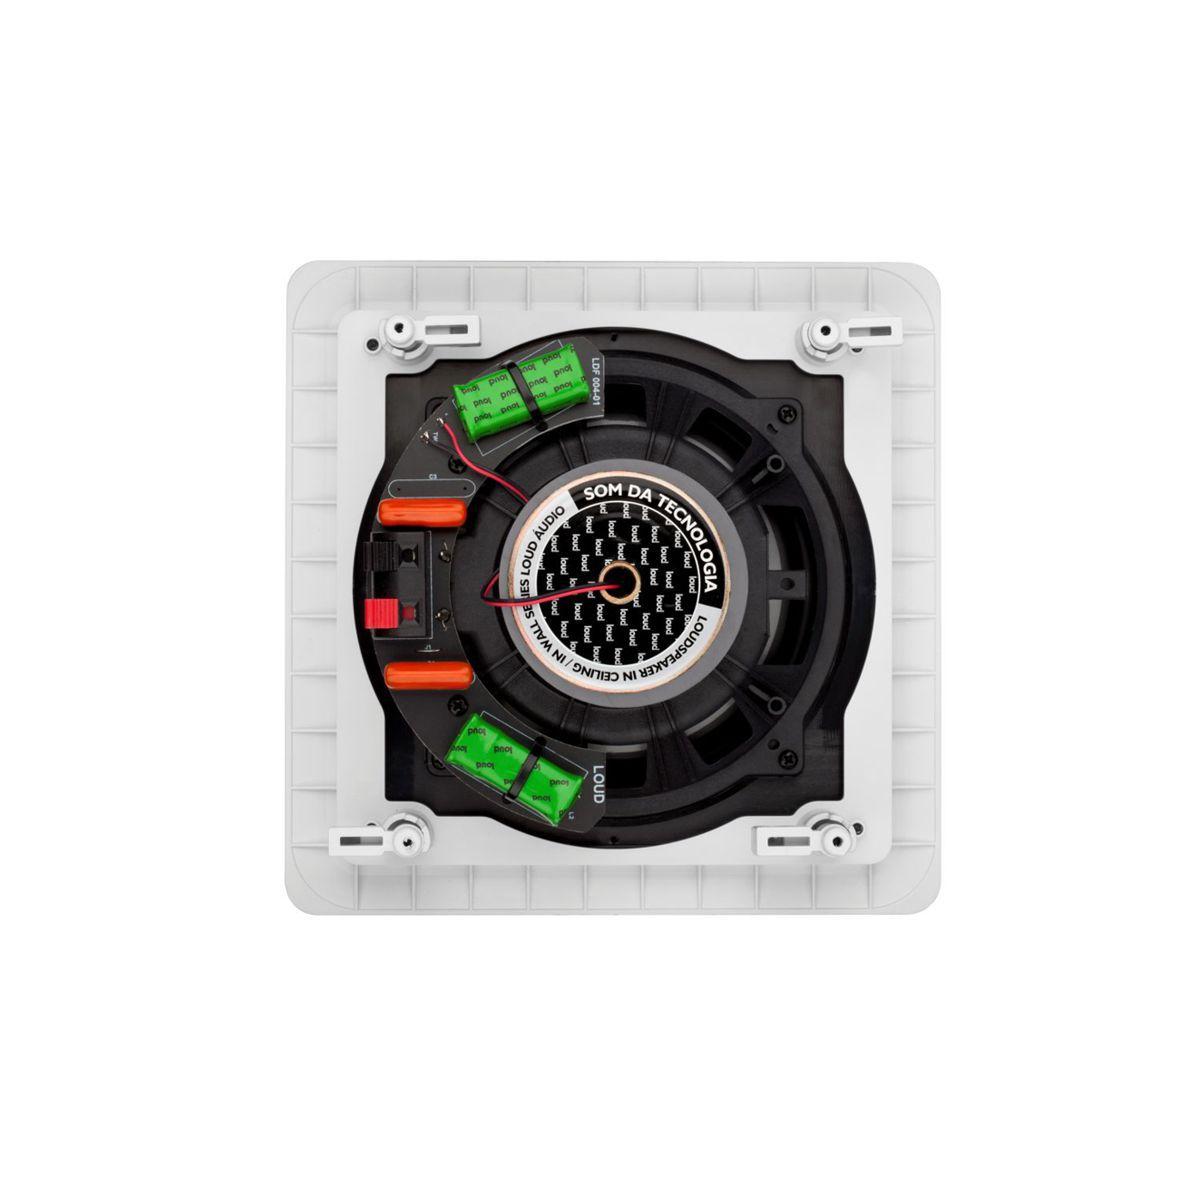 Caixa Acústica de Embutir no Gesso Quadrada Plana Borderless 60W SQ6-60 BL Loud